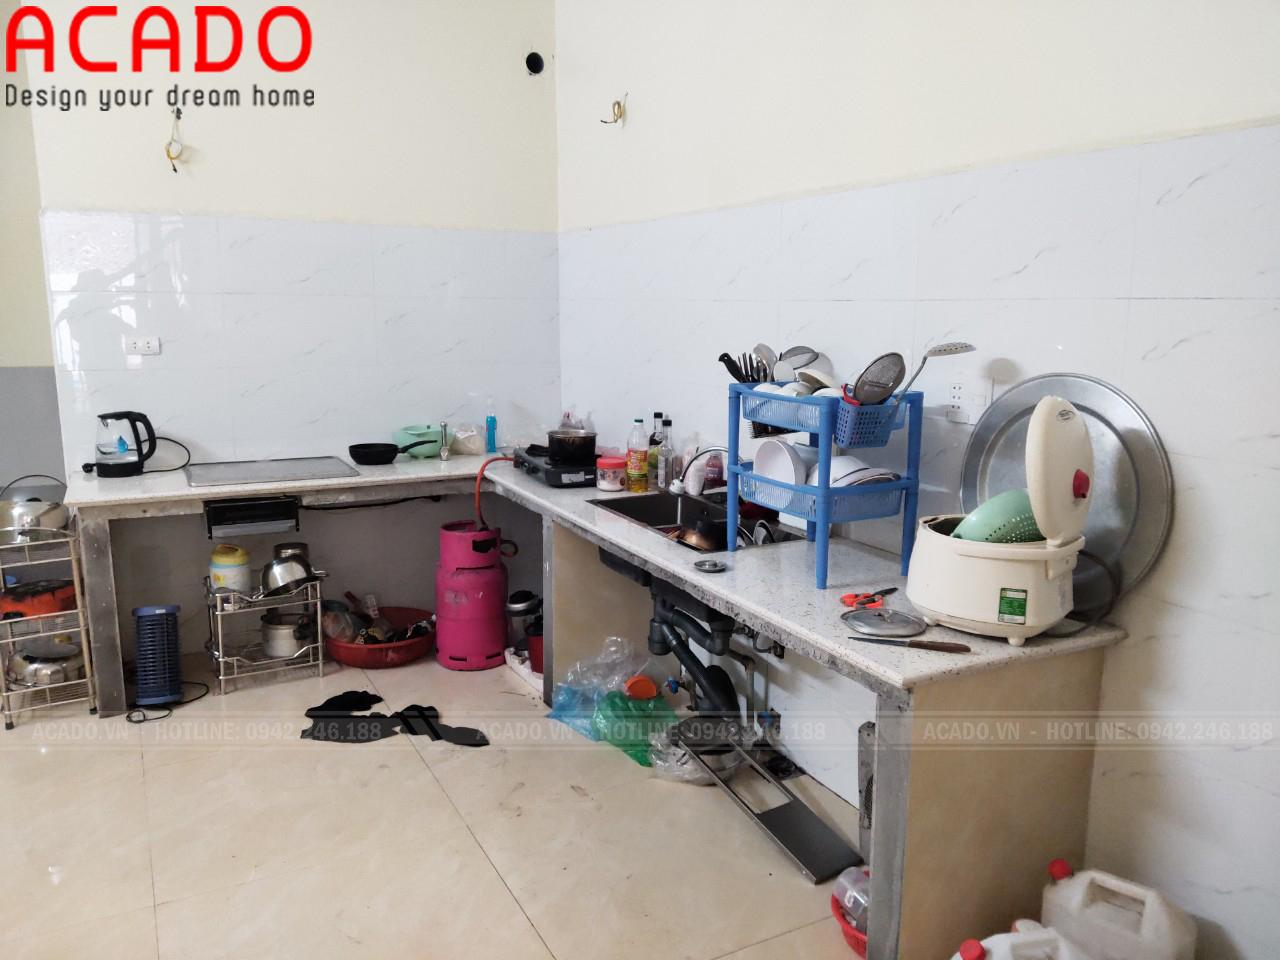 Hiện trạng bệ bê tông của căn bếp gia đình chị Hương khi nhân viên ACADO qua khảo sát